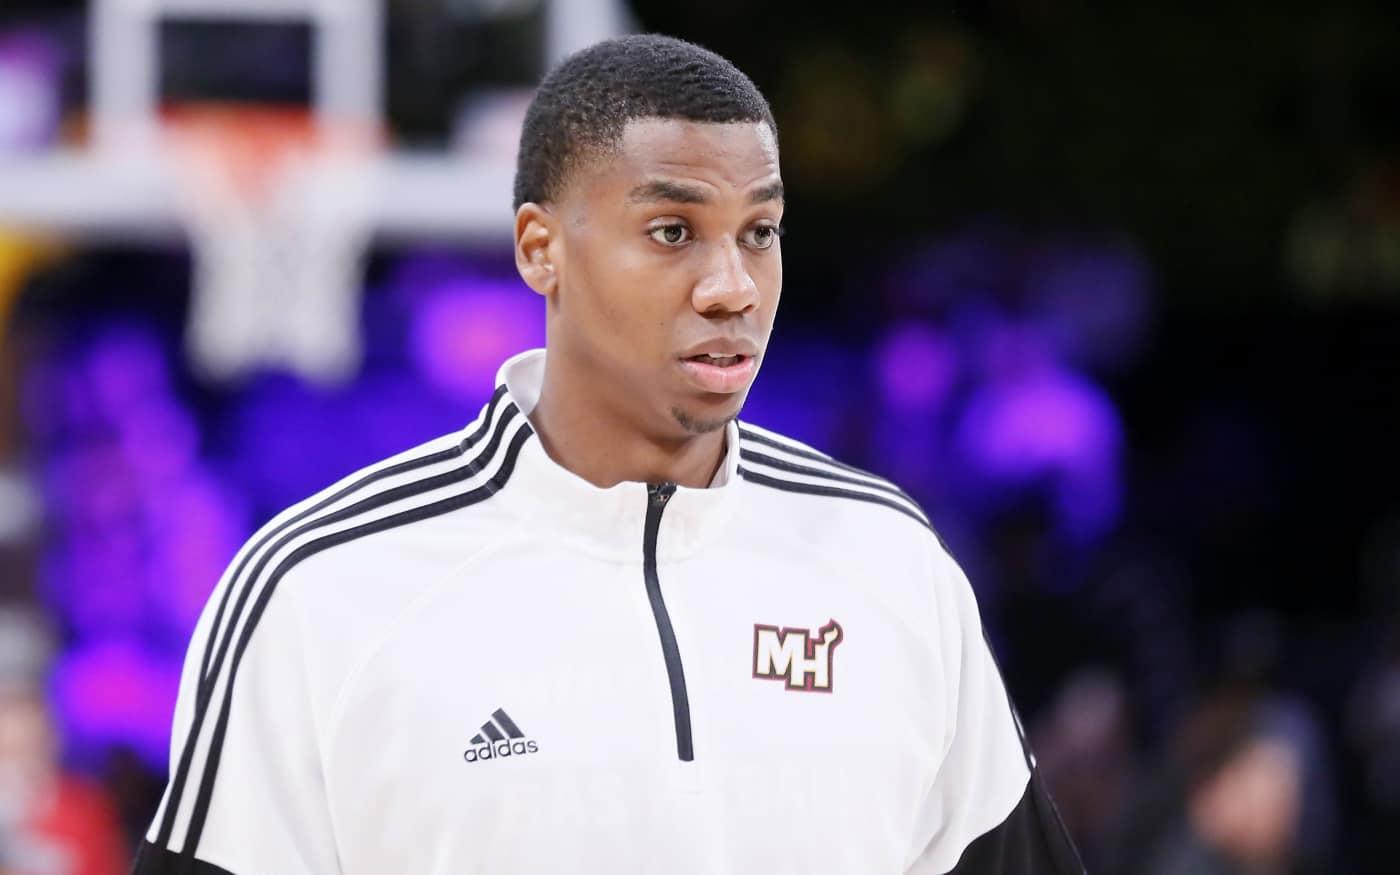 Hassan Whiteside joue à NBA 2K, même avec une blessure à la main